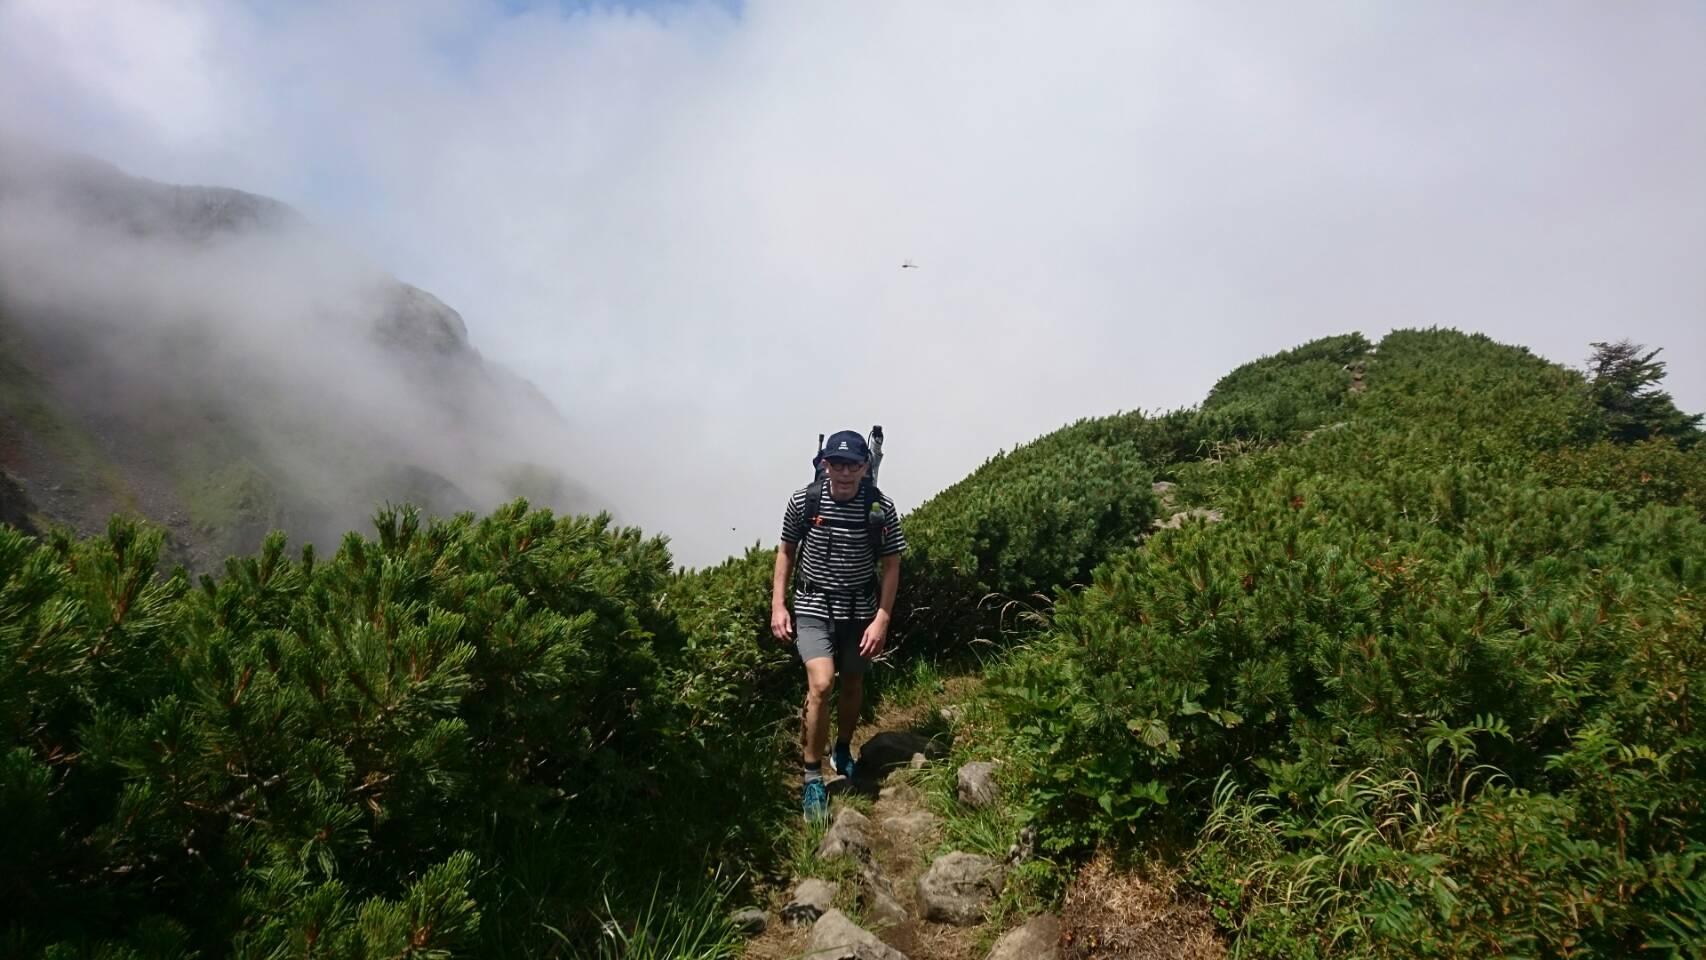 2018.8.11-13 立山周辺でTJARを逆走する旅 day1 室堂-五色ヶ原_b0219778_08583258.jpg